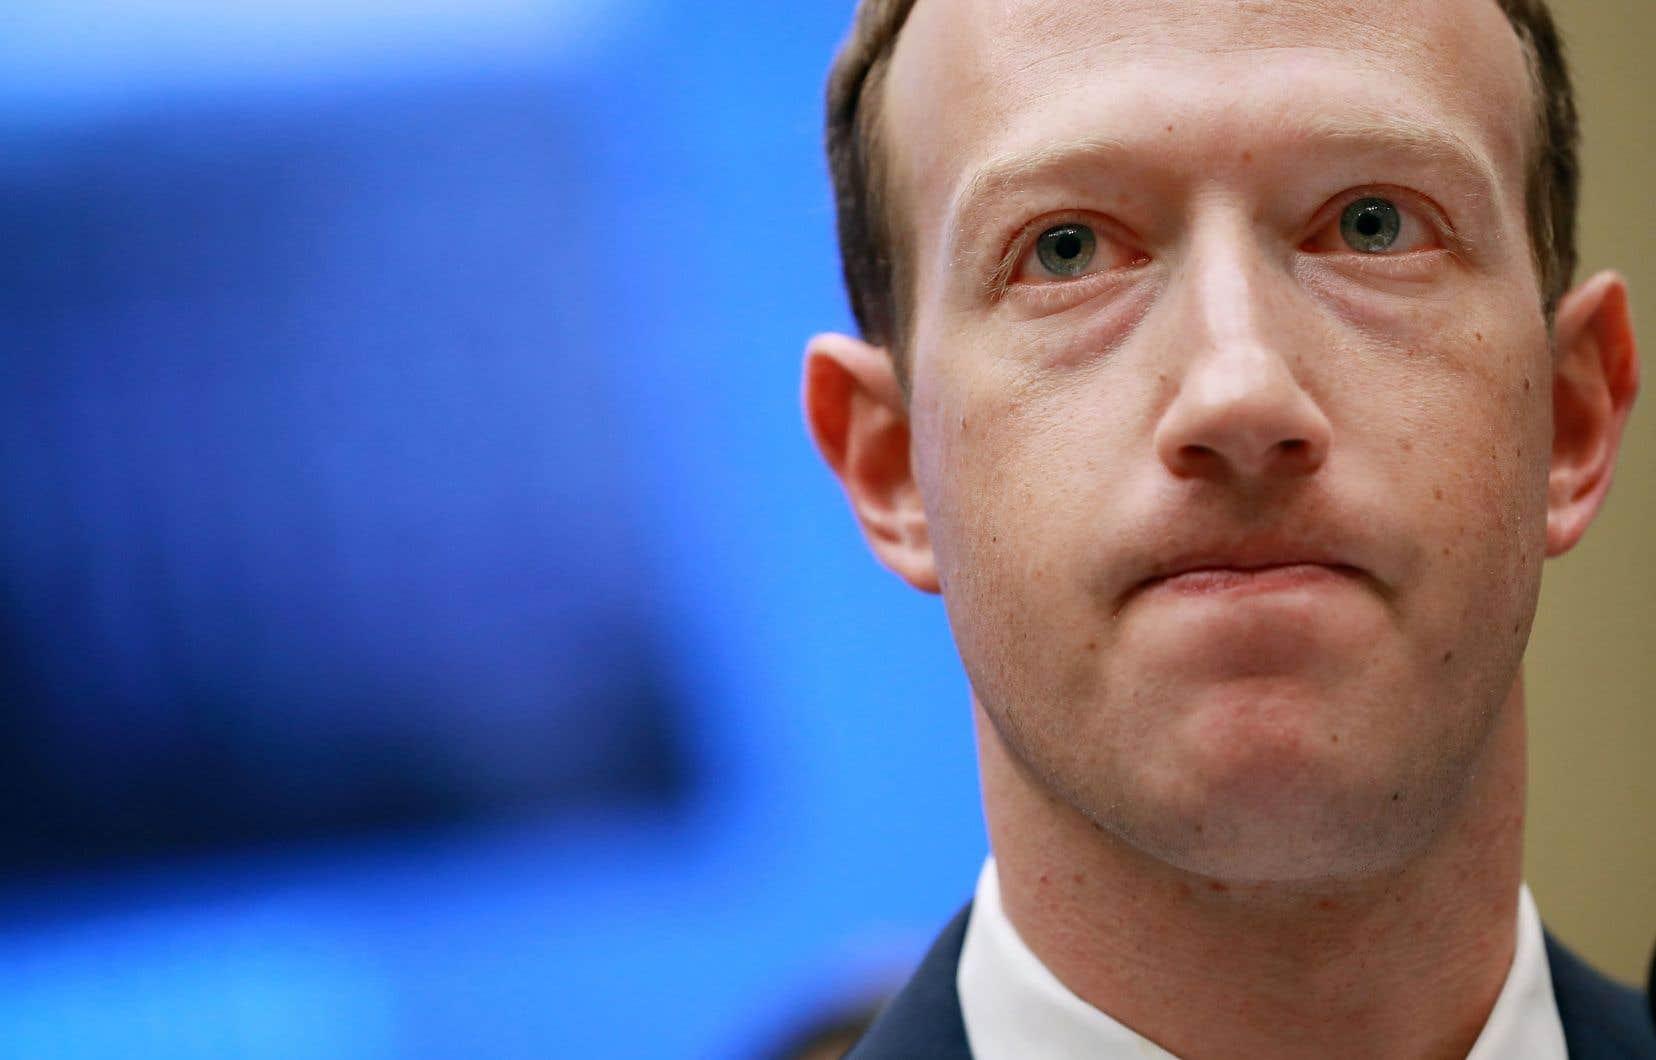 Mark Zuckerberg, 34ans, avait lancé à la blague aux débuts de Facebook qu'il voulait dominer le monde.